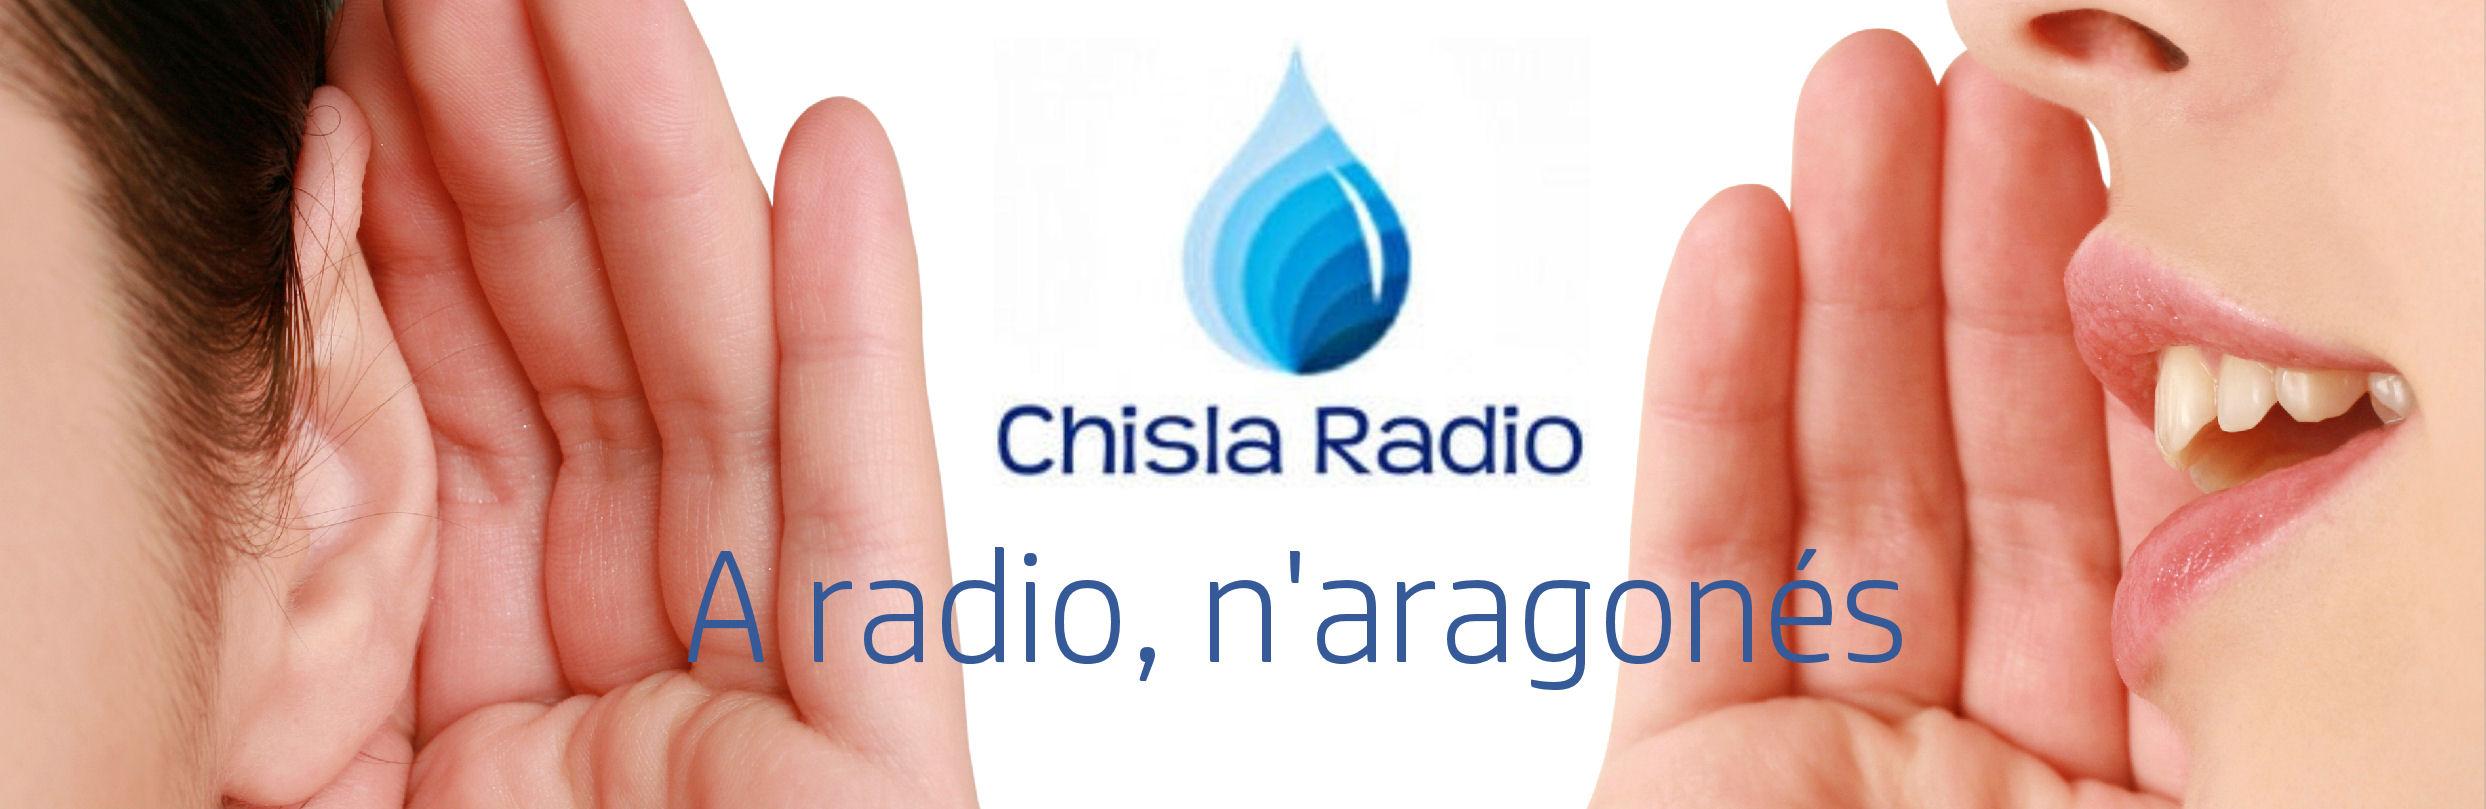 chislaradio_003